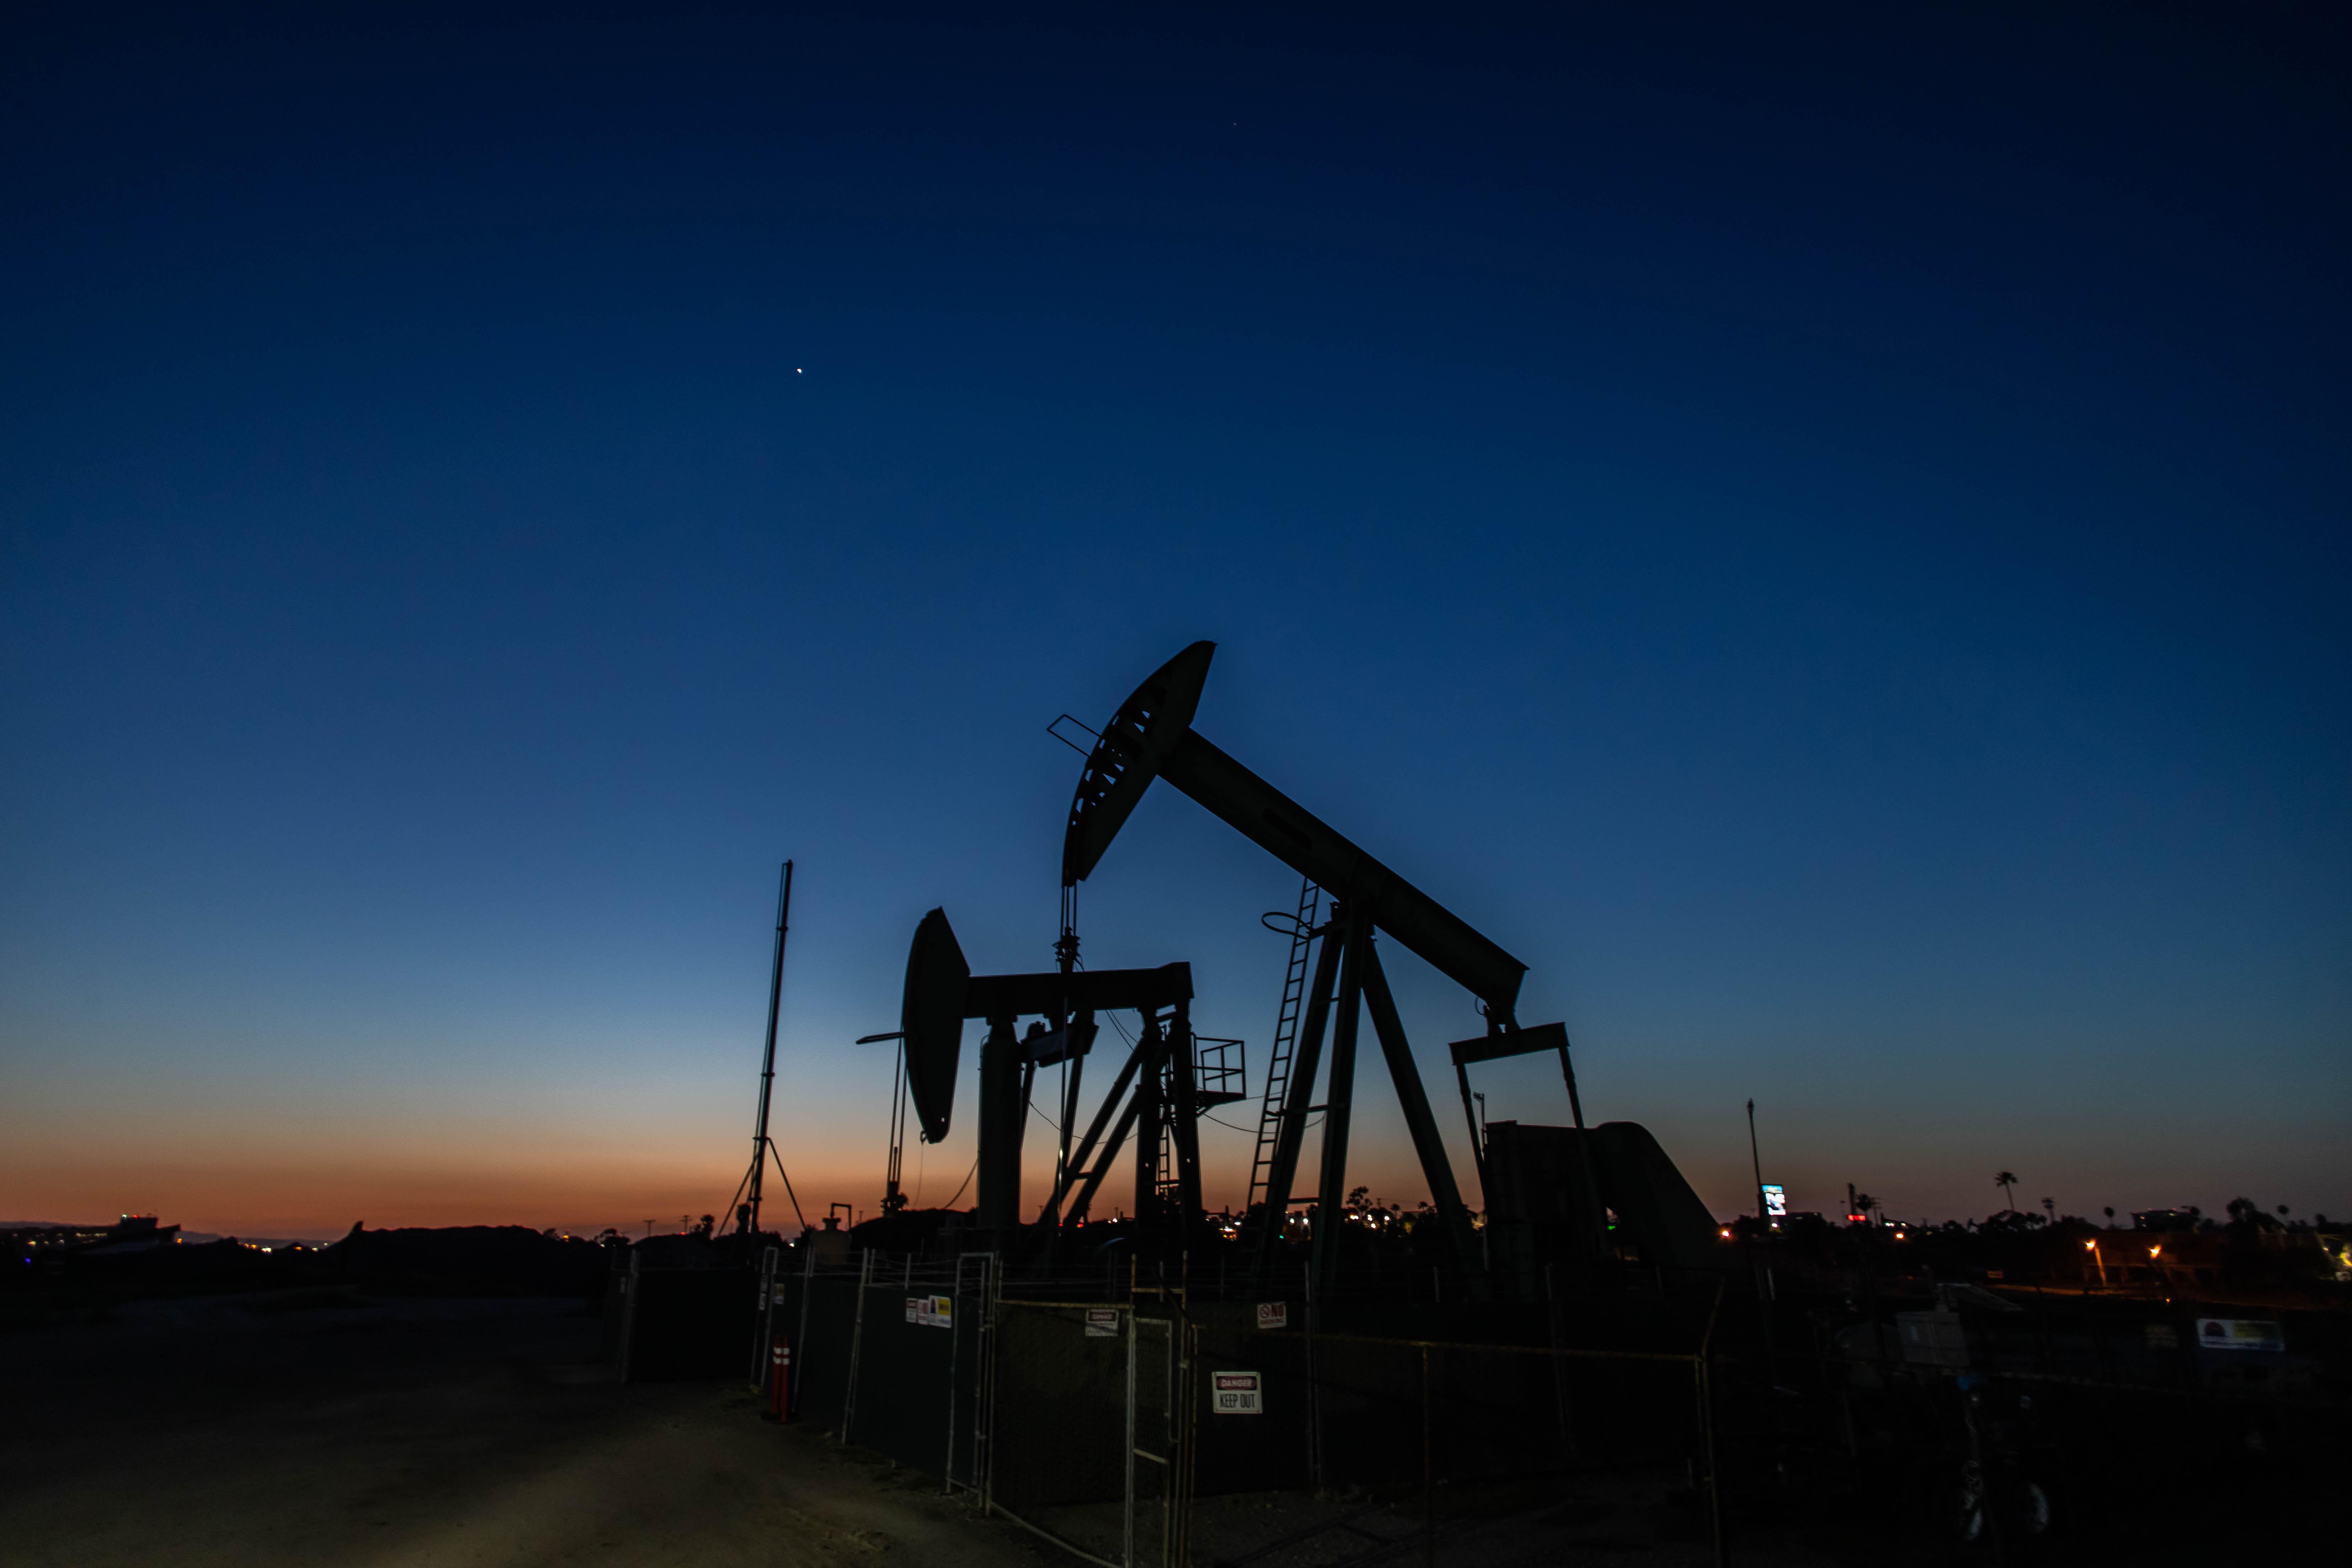 مخزون النفط.. أسباب الارتفاع الكبير ومستقبل الأسعار   الحرة